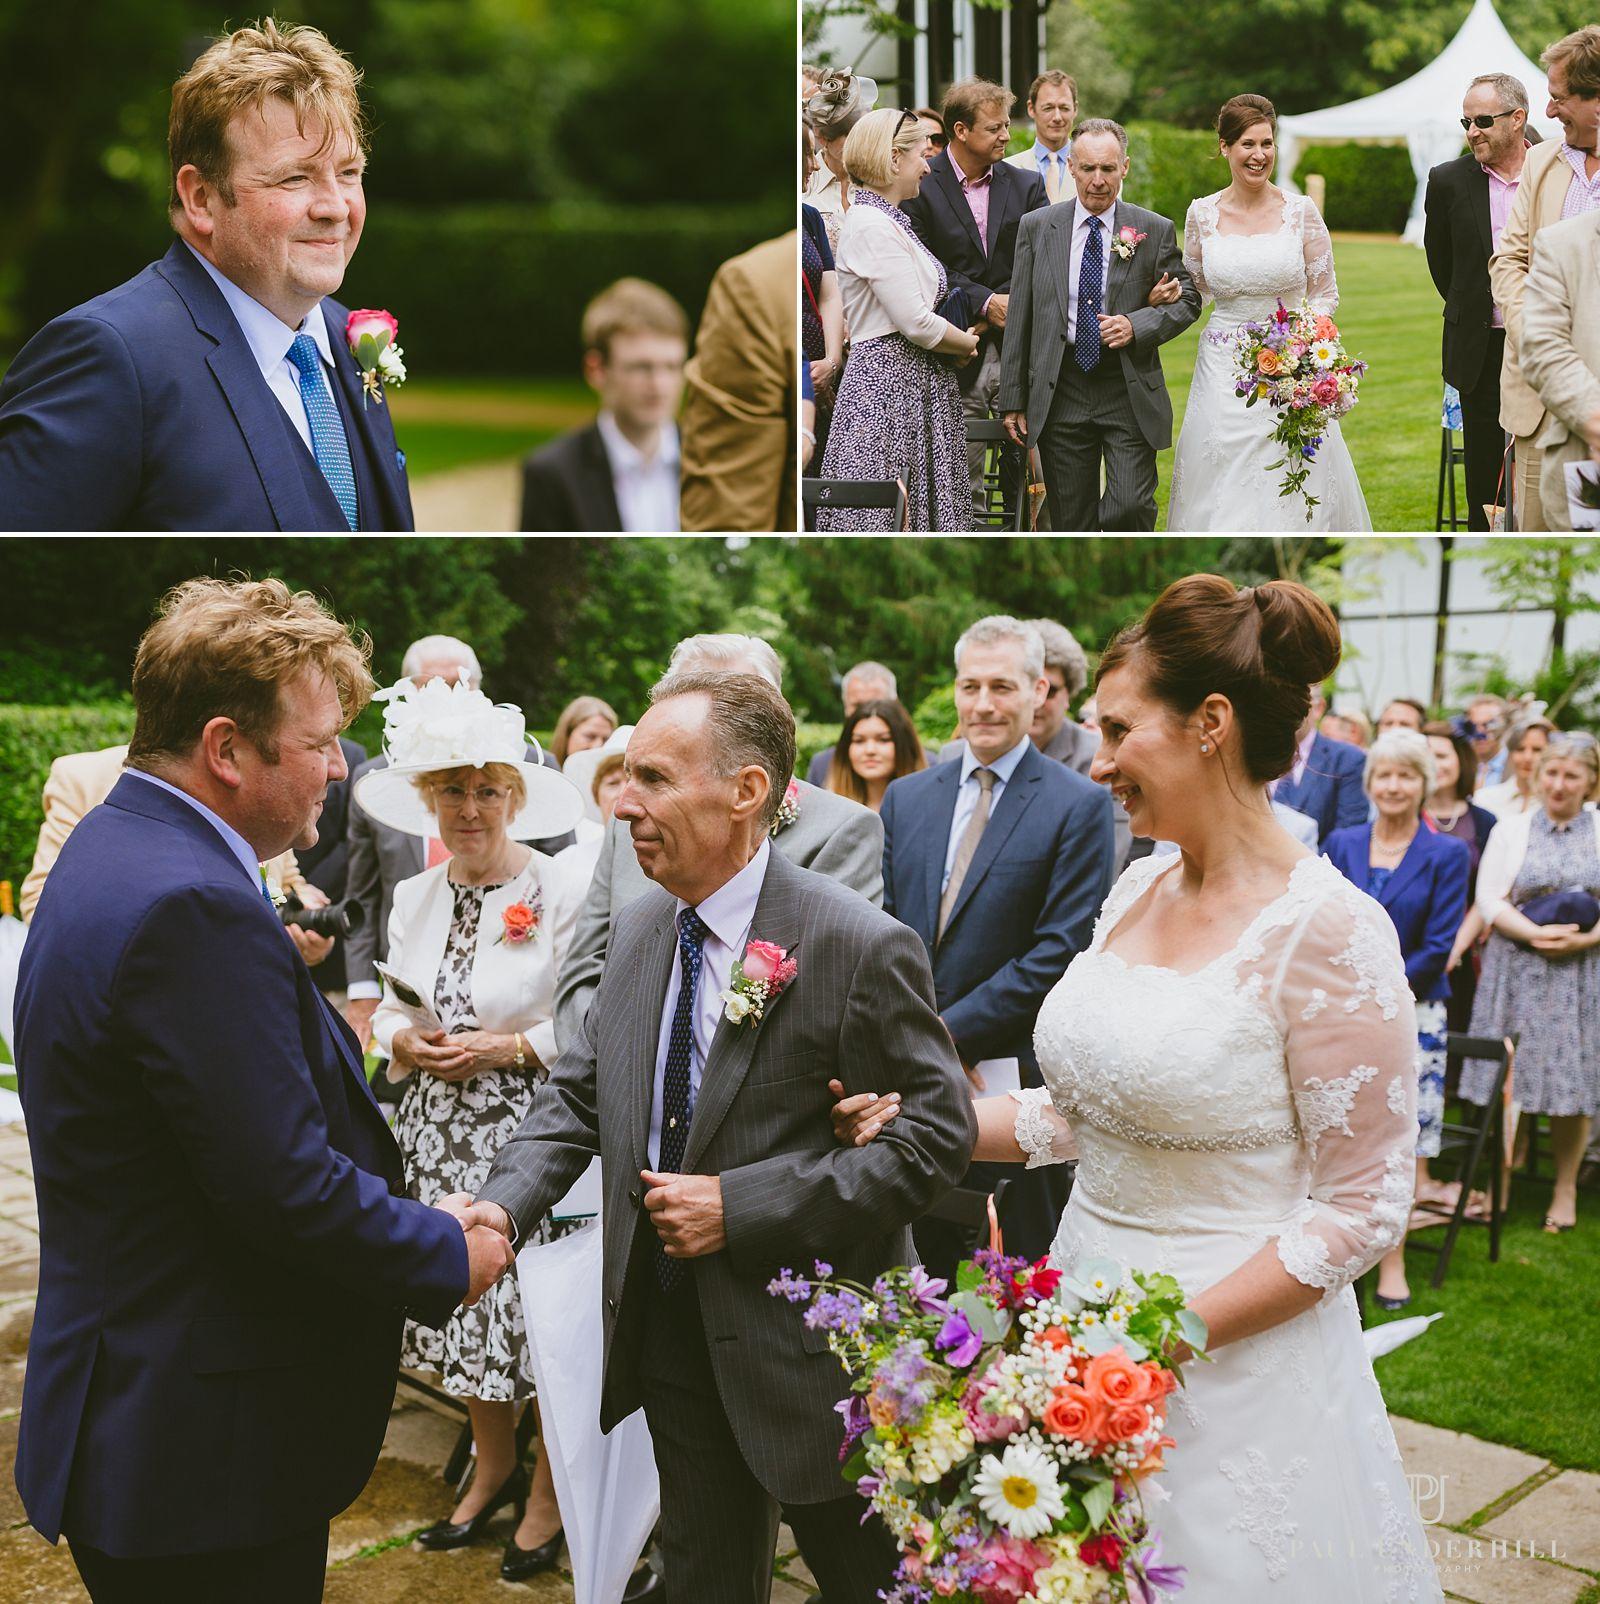 Reportage wedding photography Wiltshire